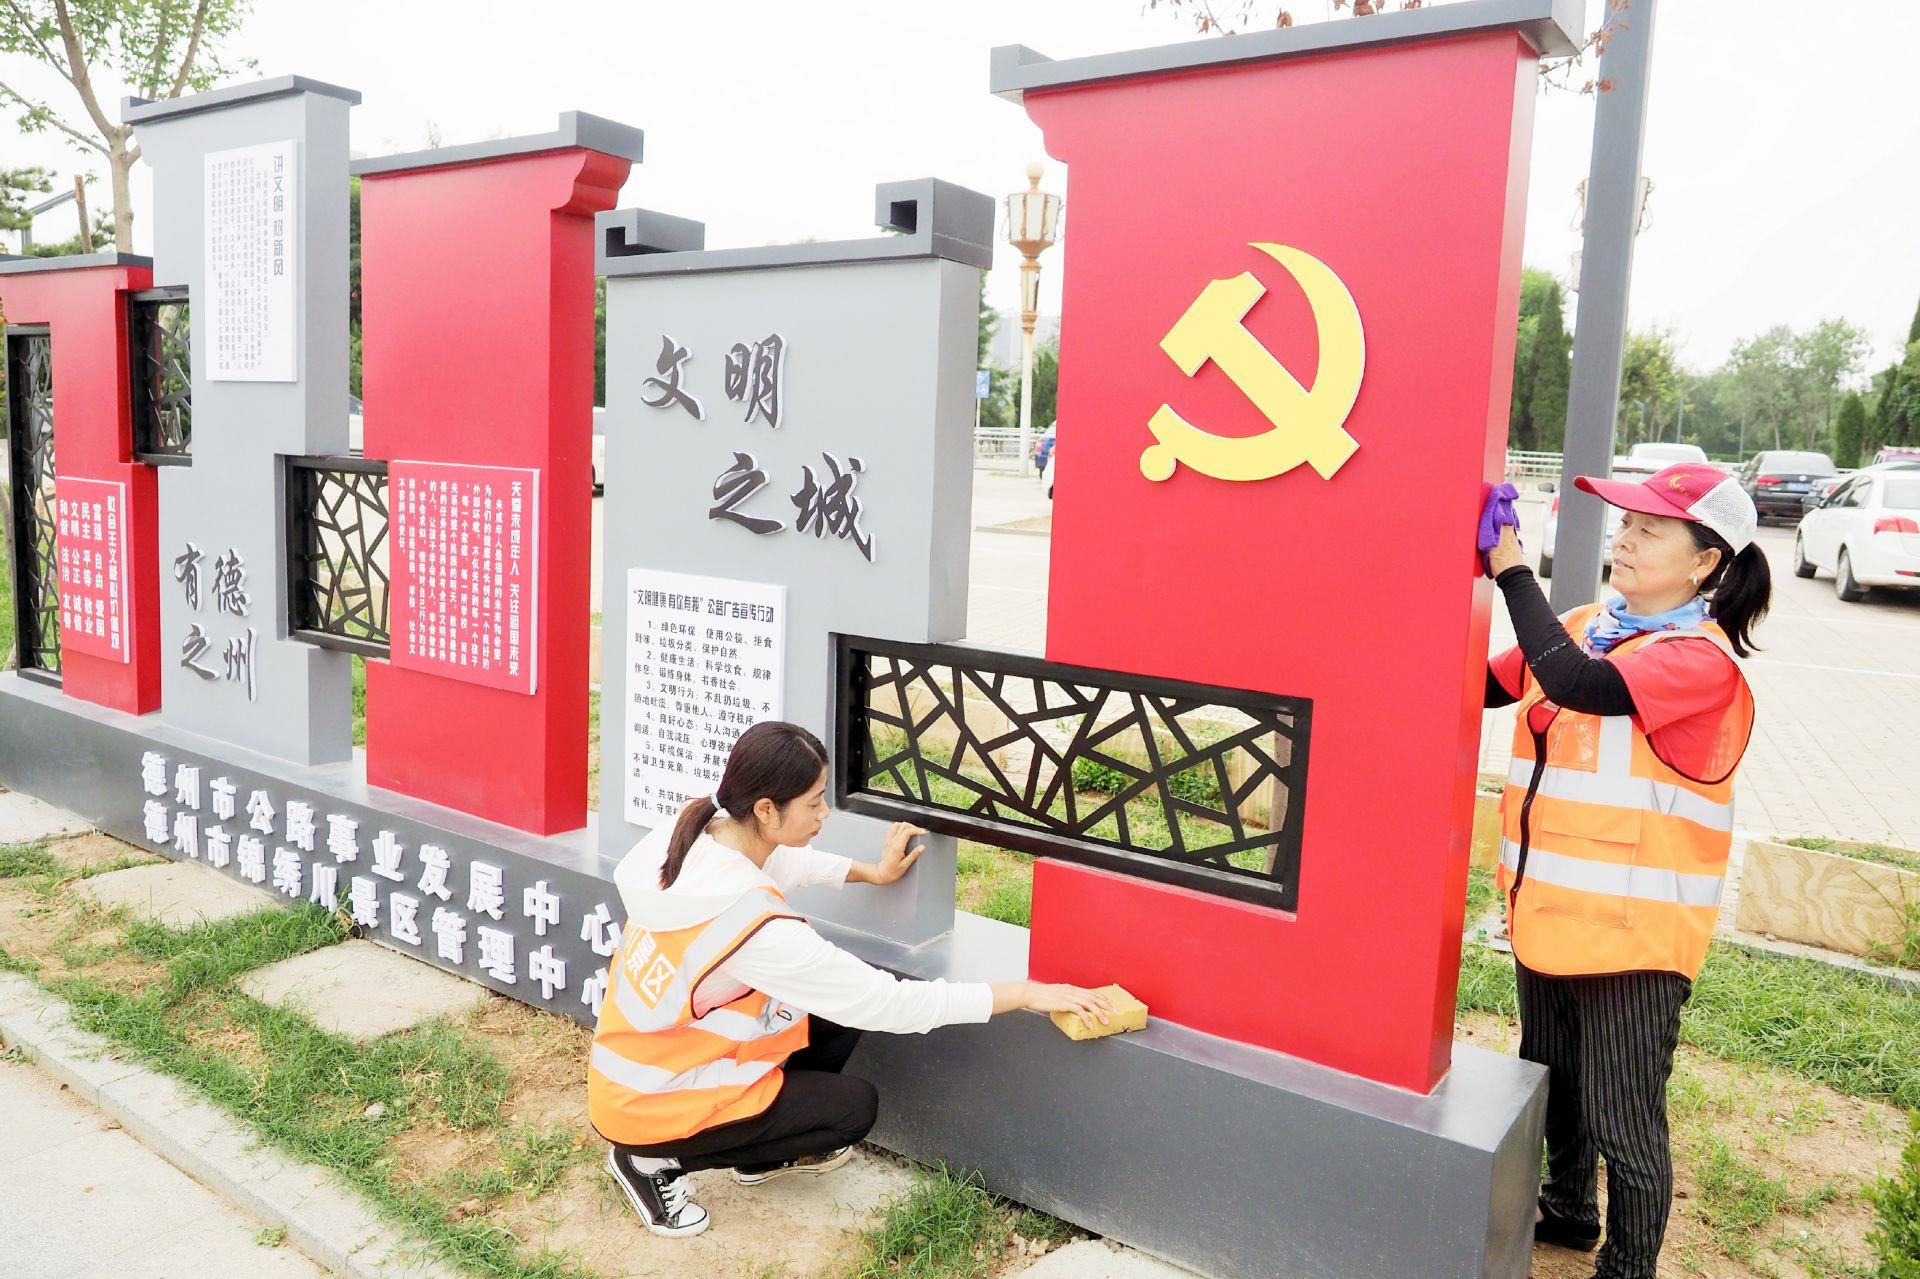 锦绣川景区——宣传融于景 文明入人心